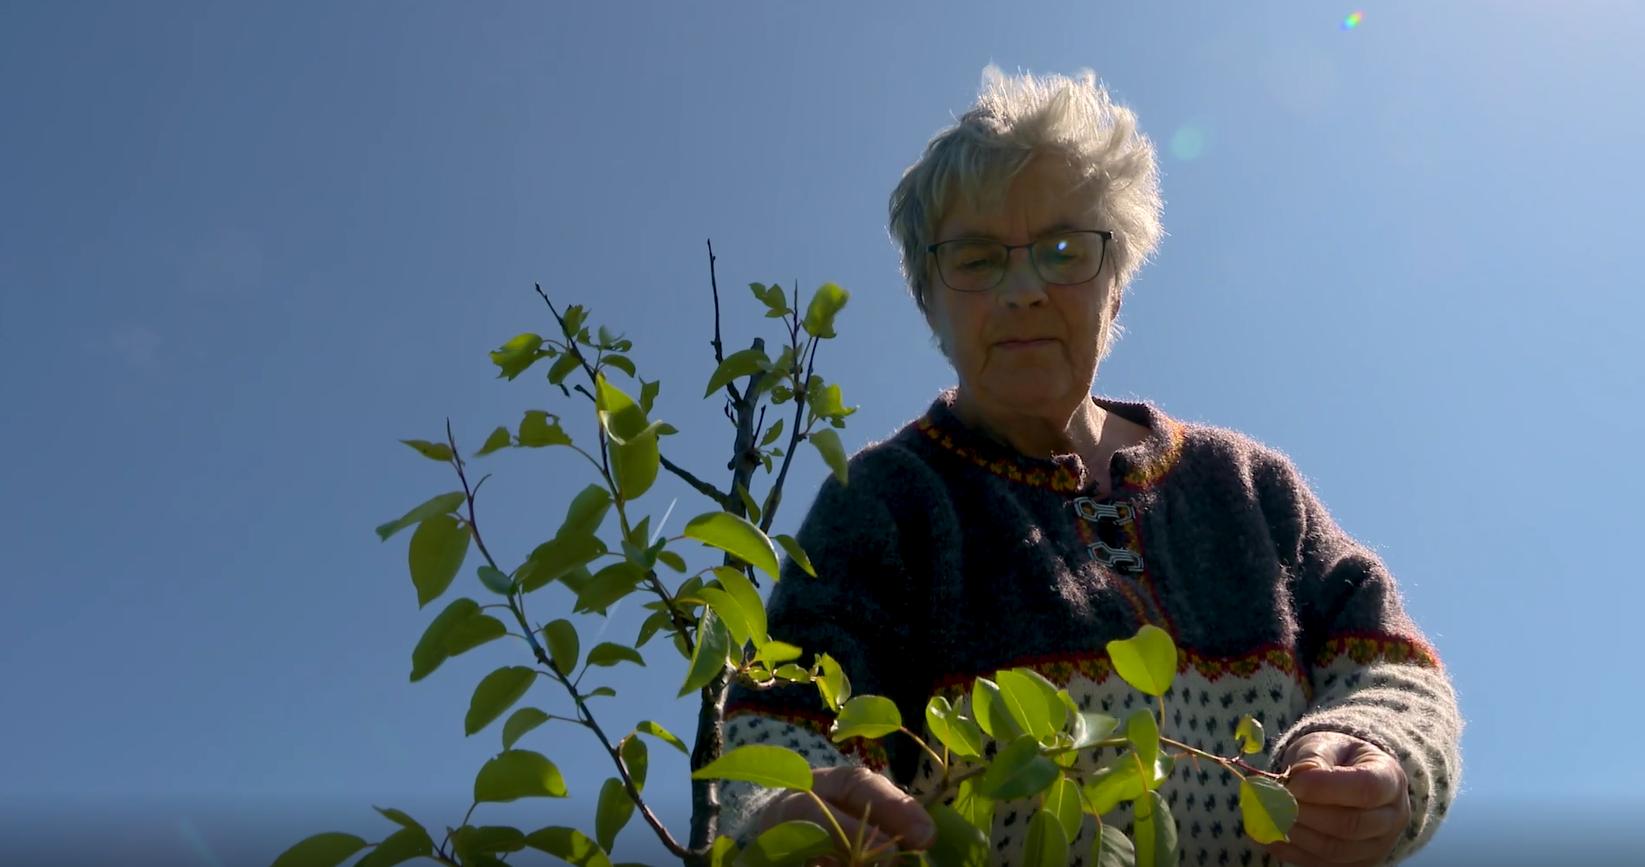 Bedstemor planter 350 træer i sin baghave